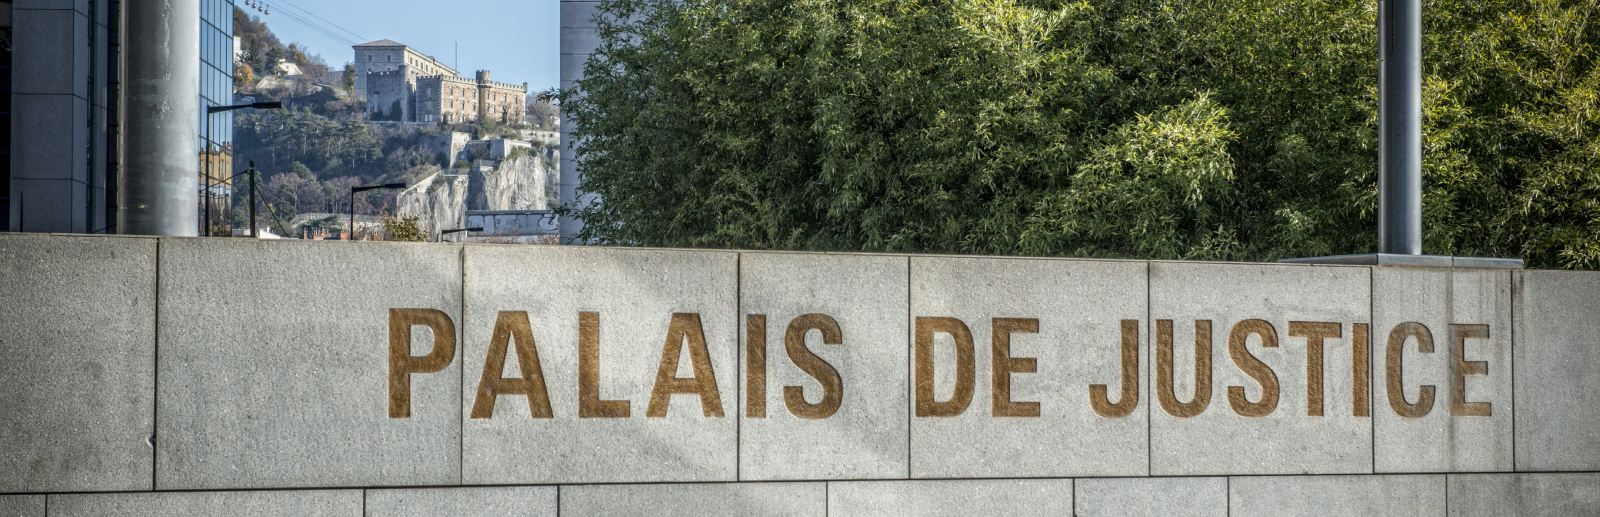 Photo du Palais de Justice de Grenoble